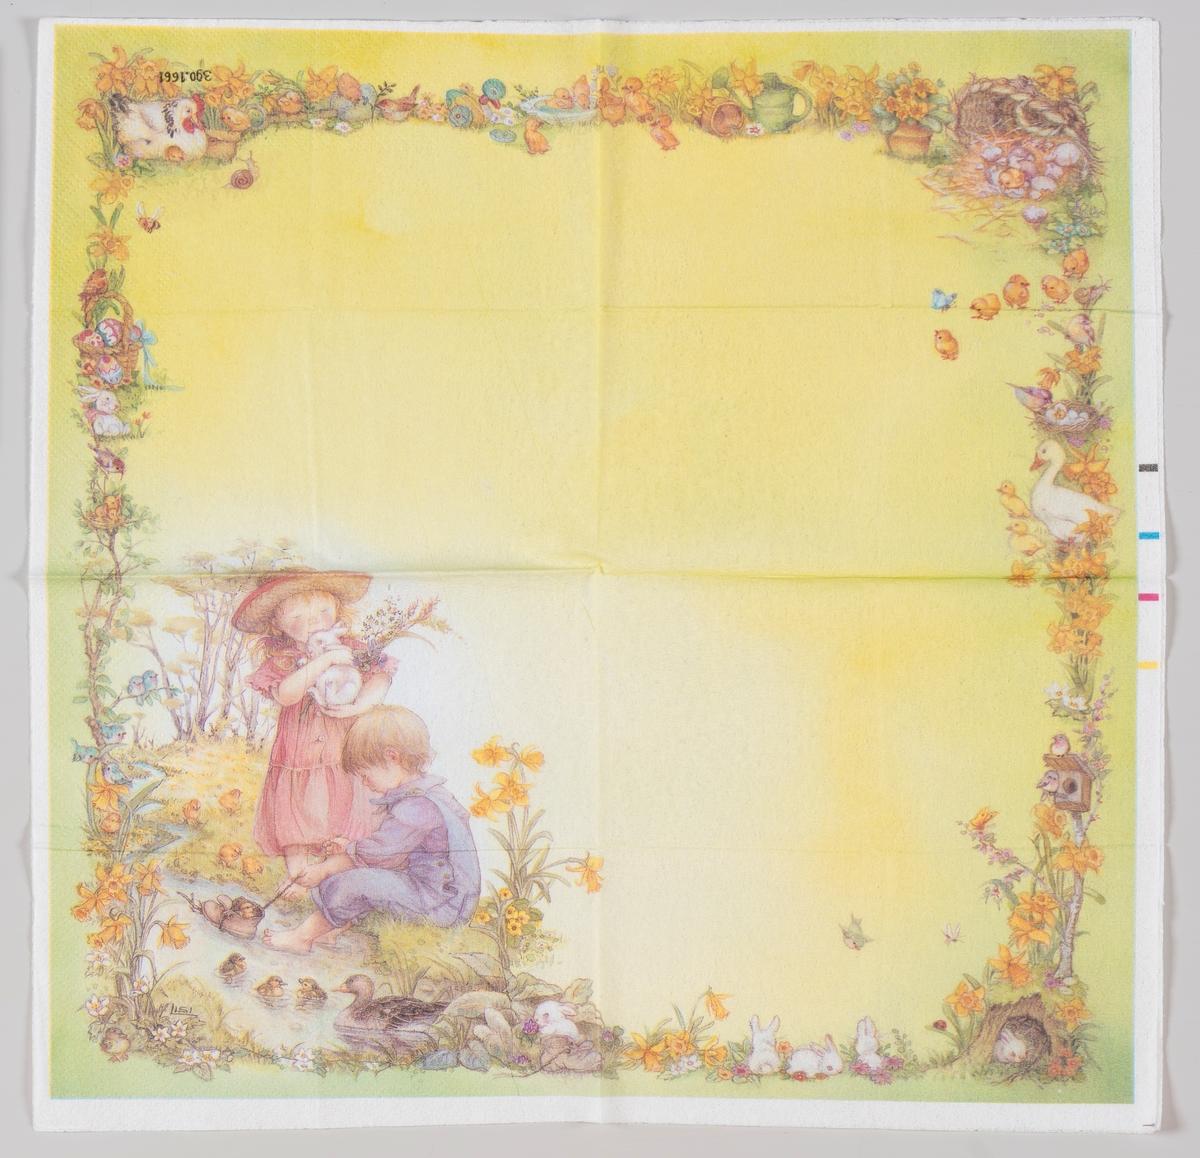 En jente med en kanin og en gutt som seiler med en sko. Langs kanten blomster, fugler og kaniner.